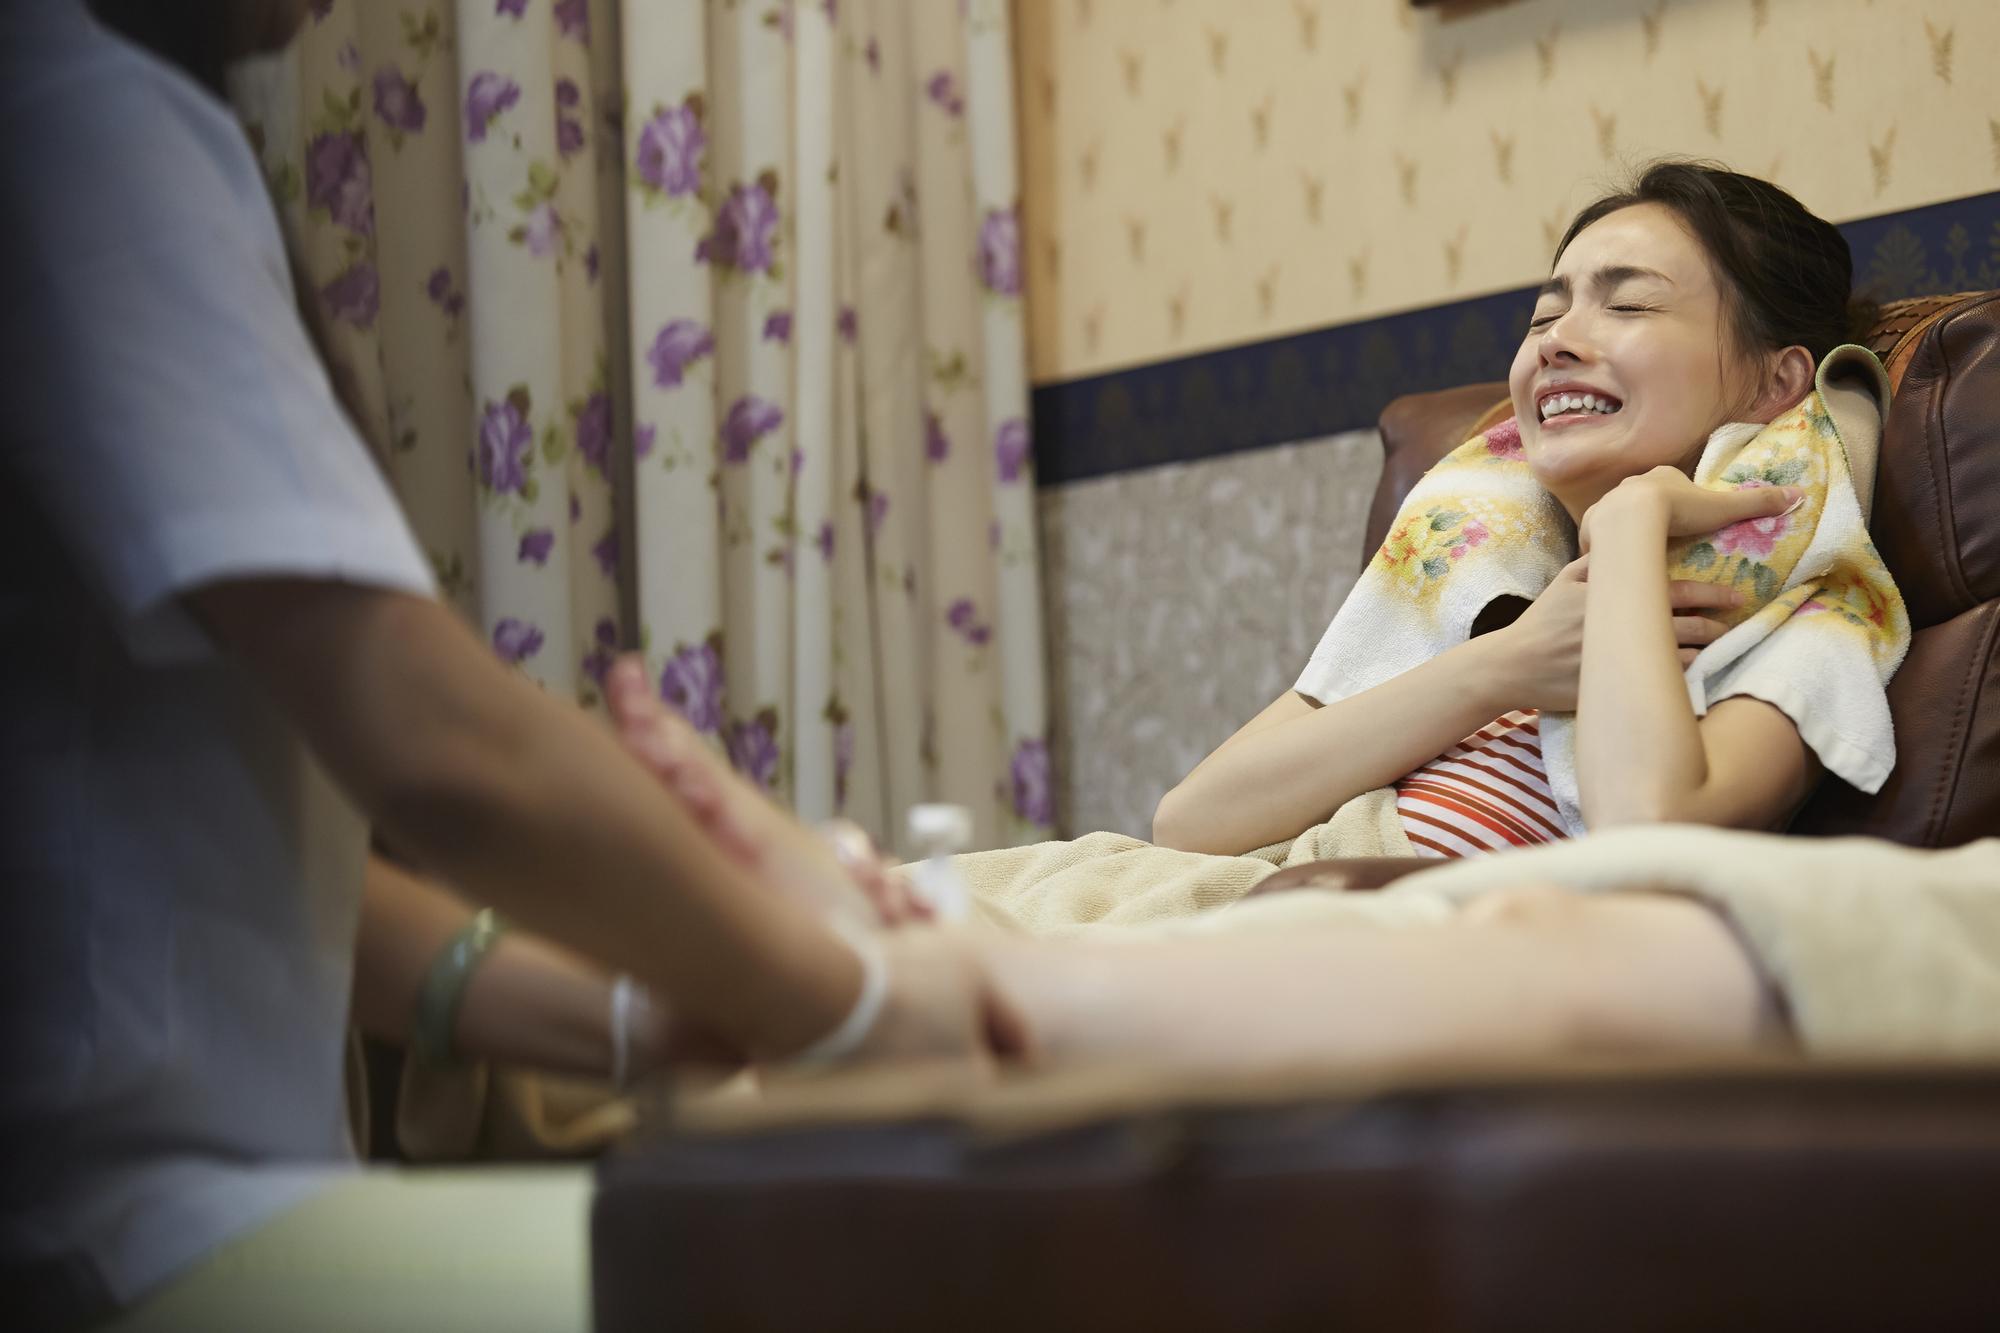 足つぼマッサージの激痛にもだえる女性